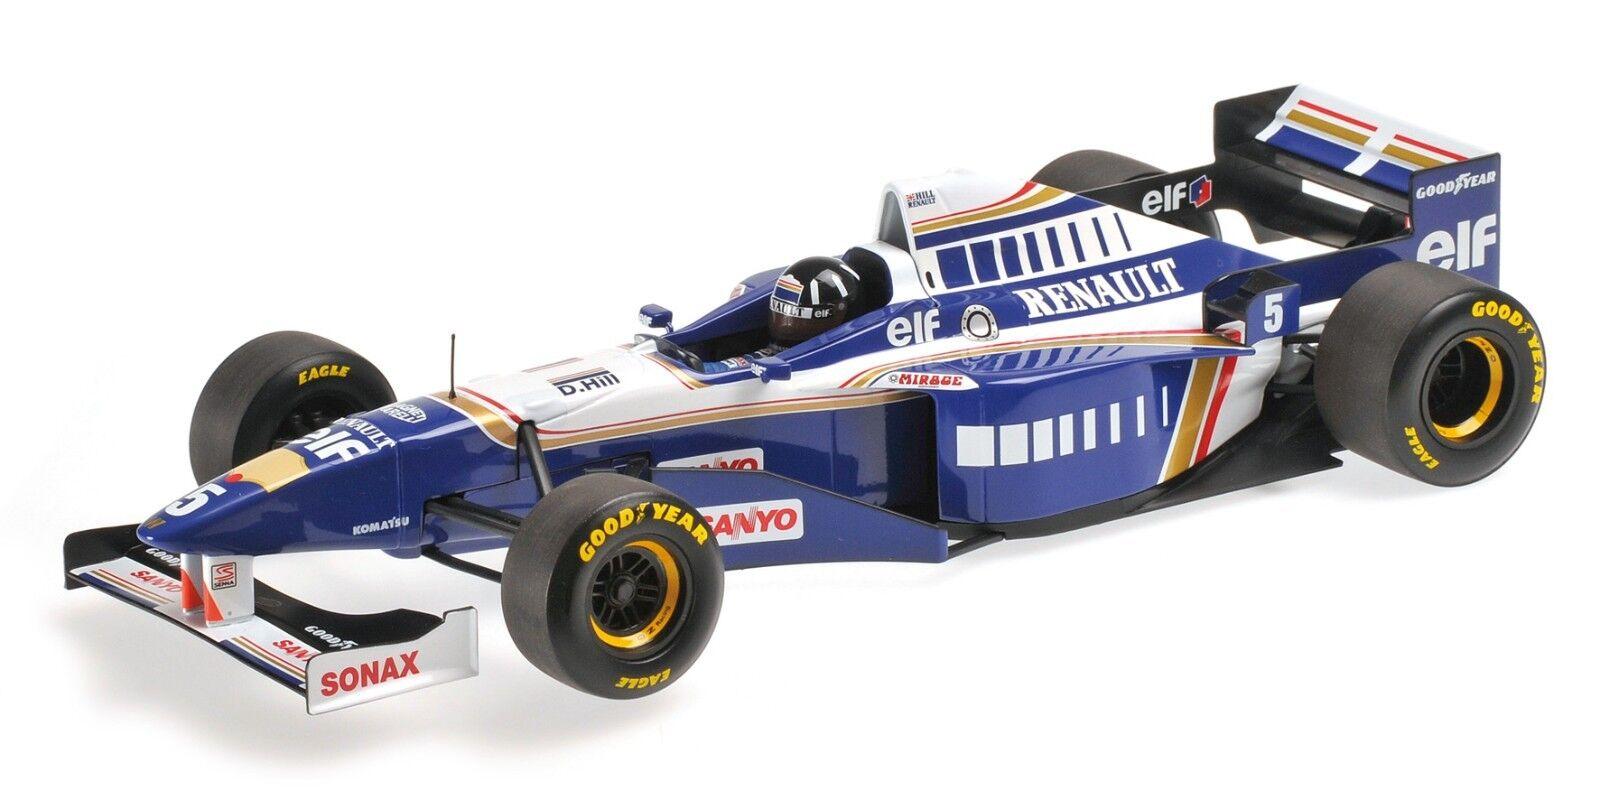 Minichamps 186 960005 williams renault FW18 F1 voiture de course damon hill wc 1996 1 18